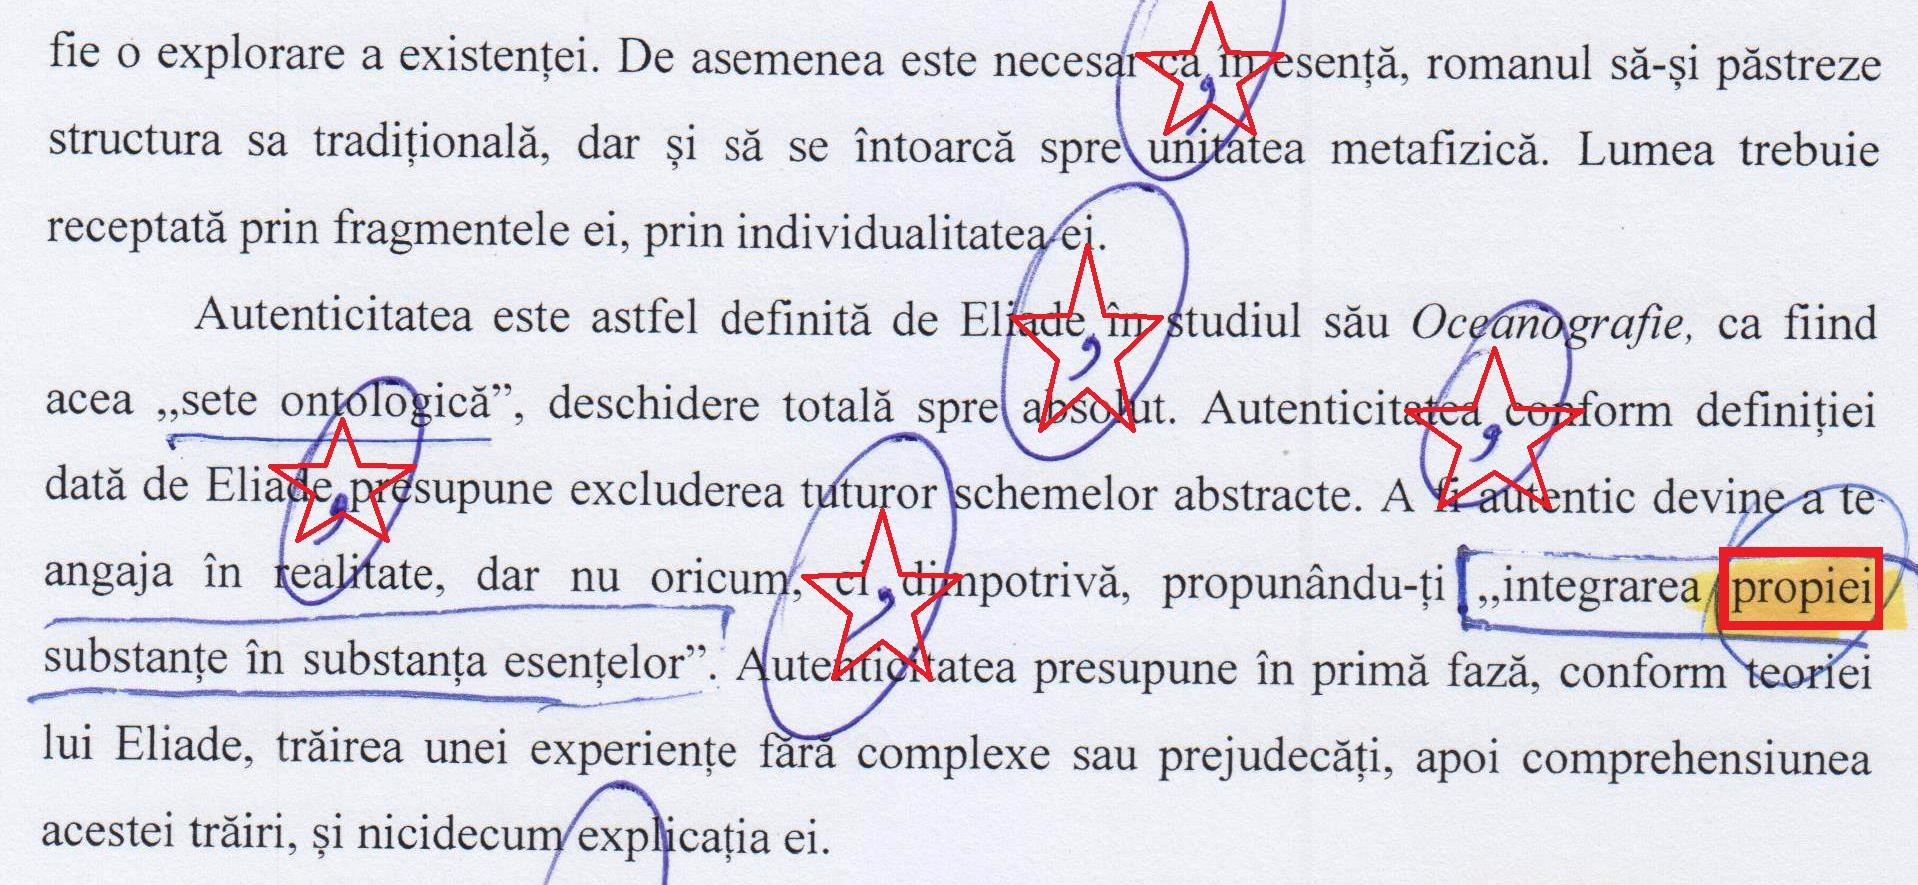 """""""Propiei"""" (!!!), duduia doctor în FILOLOGIE ;i director de Colegiu Național Pedagogic? (pag. 56)."""